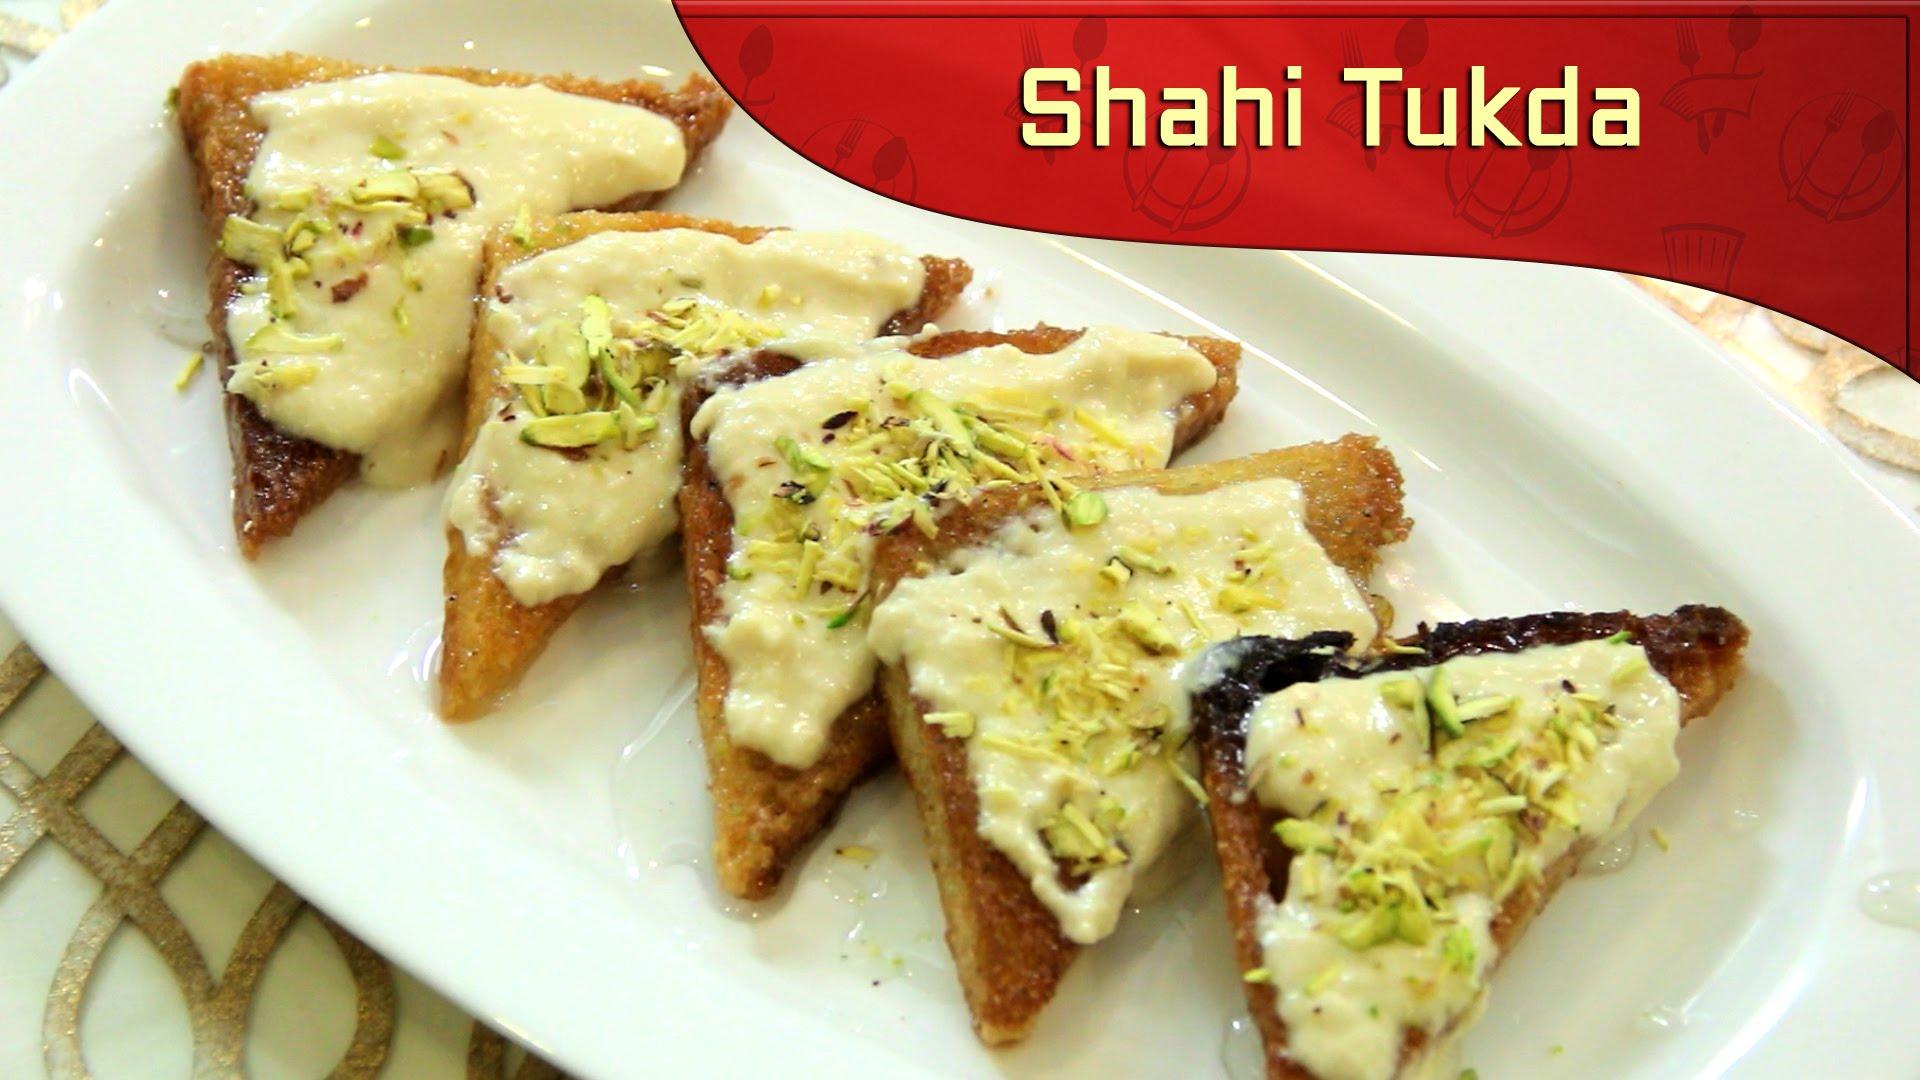 Shahi thurka